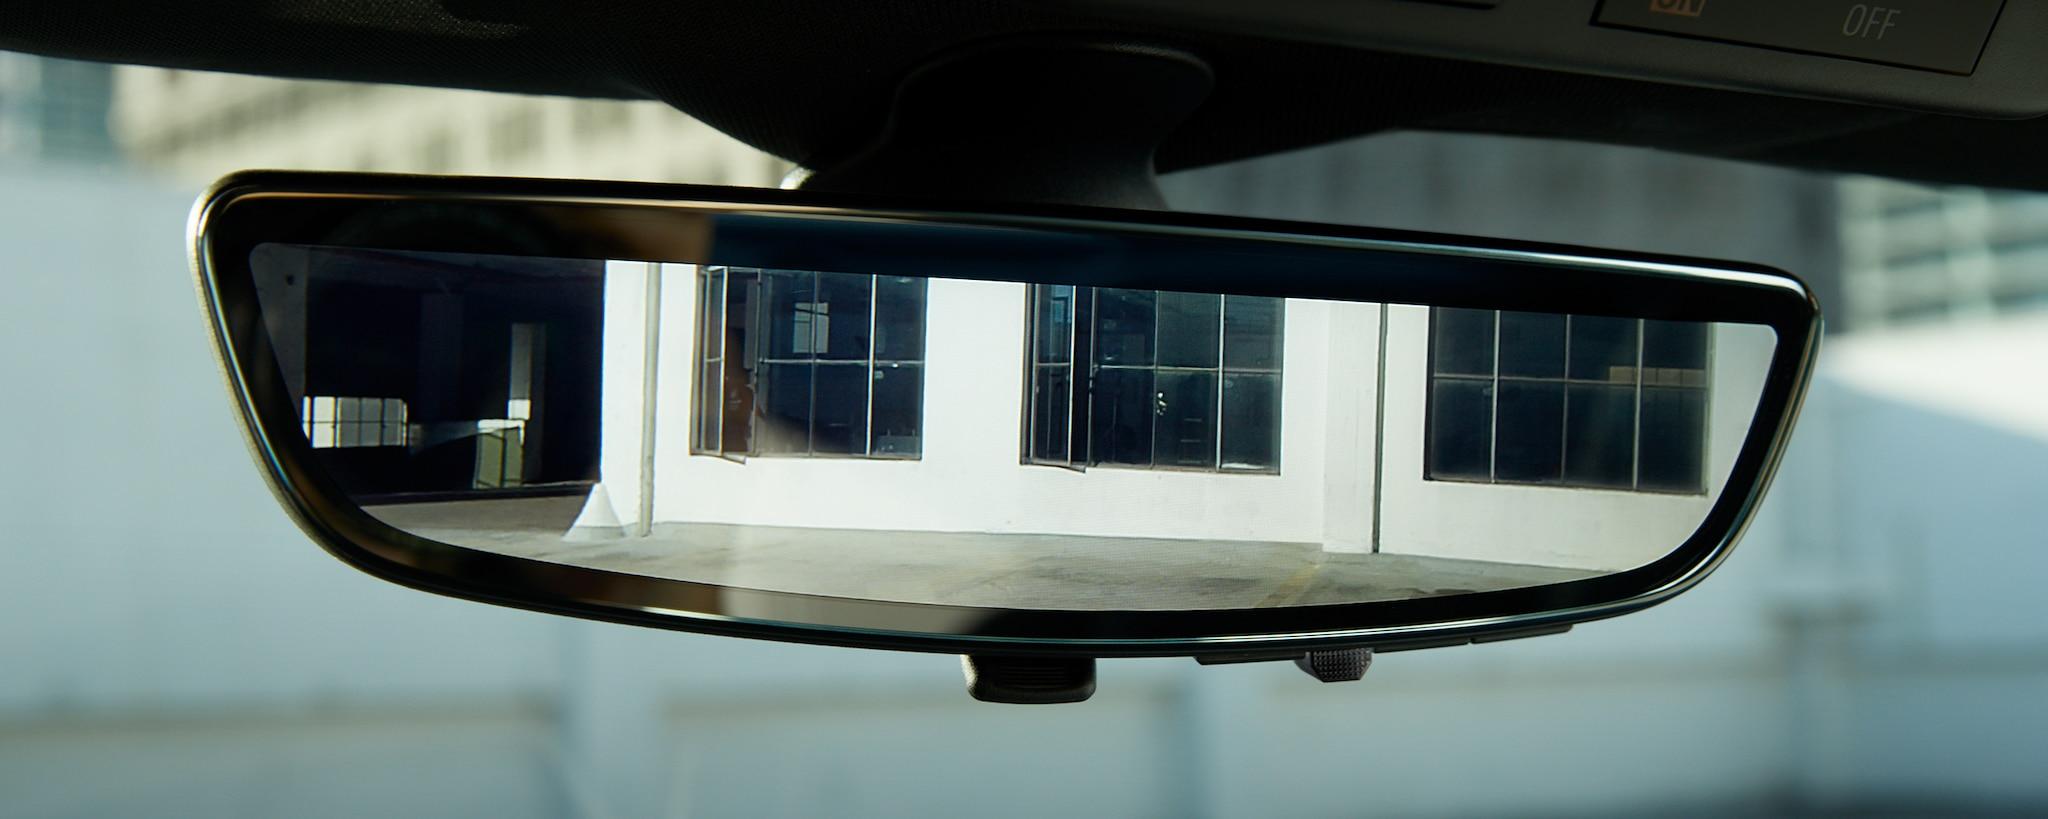 Camaro 2019: espejo retrovisor con cámara